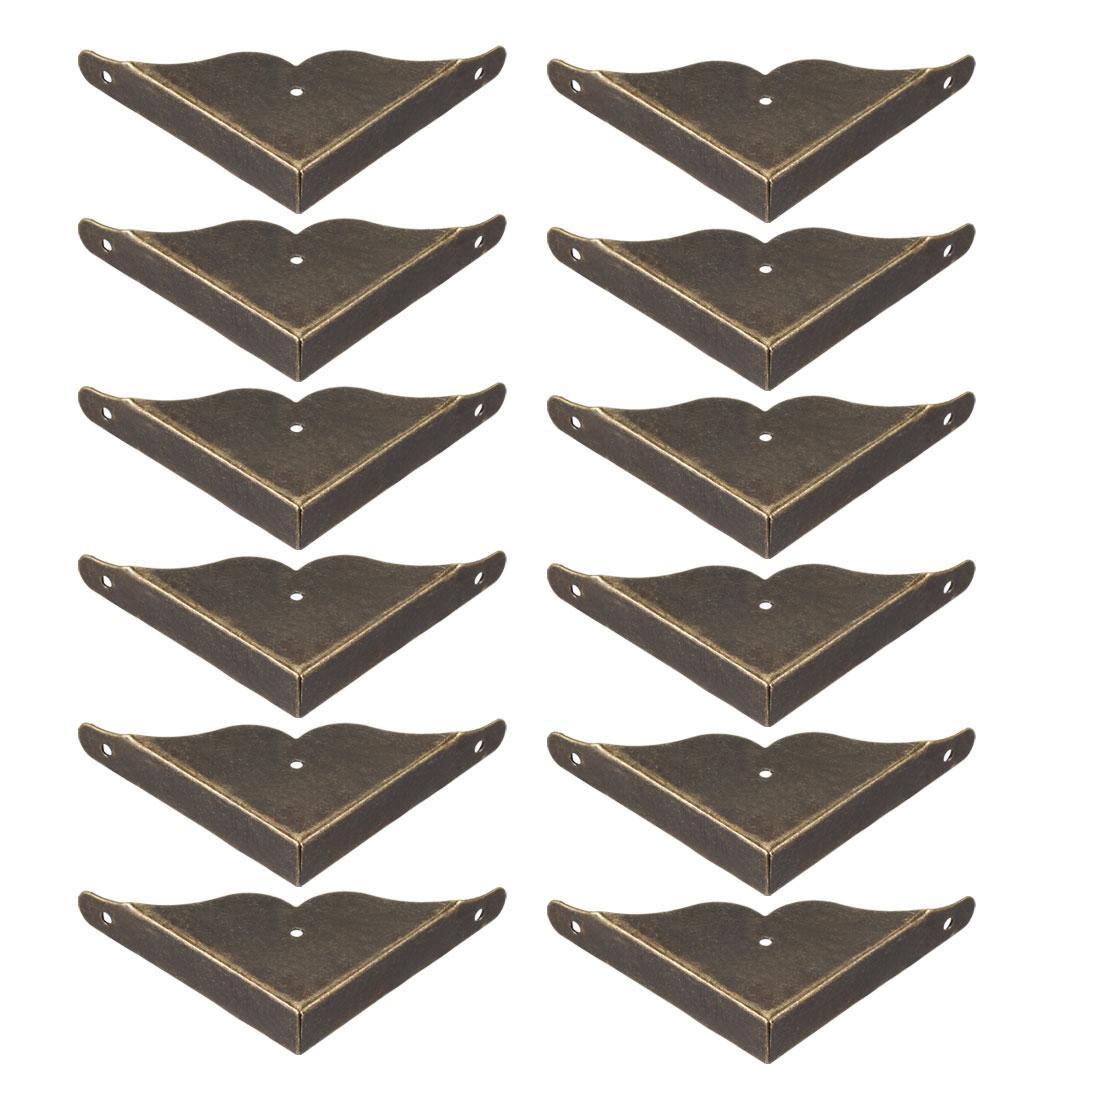 Metal Desk Corner Protectors Table Edge Cover Guard 39x39x8mm Bronze Tone 12pcs